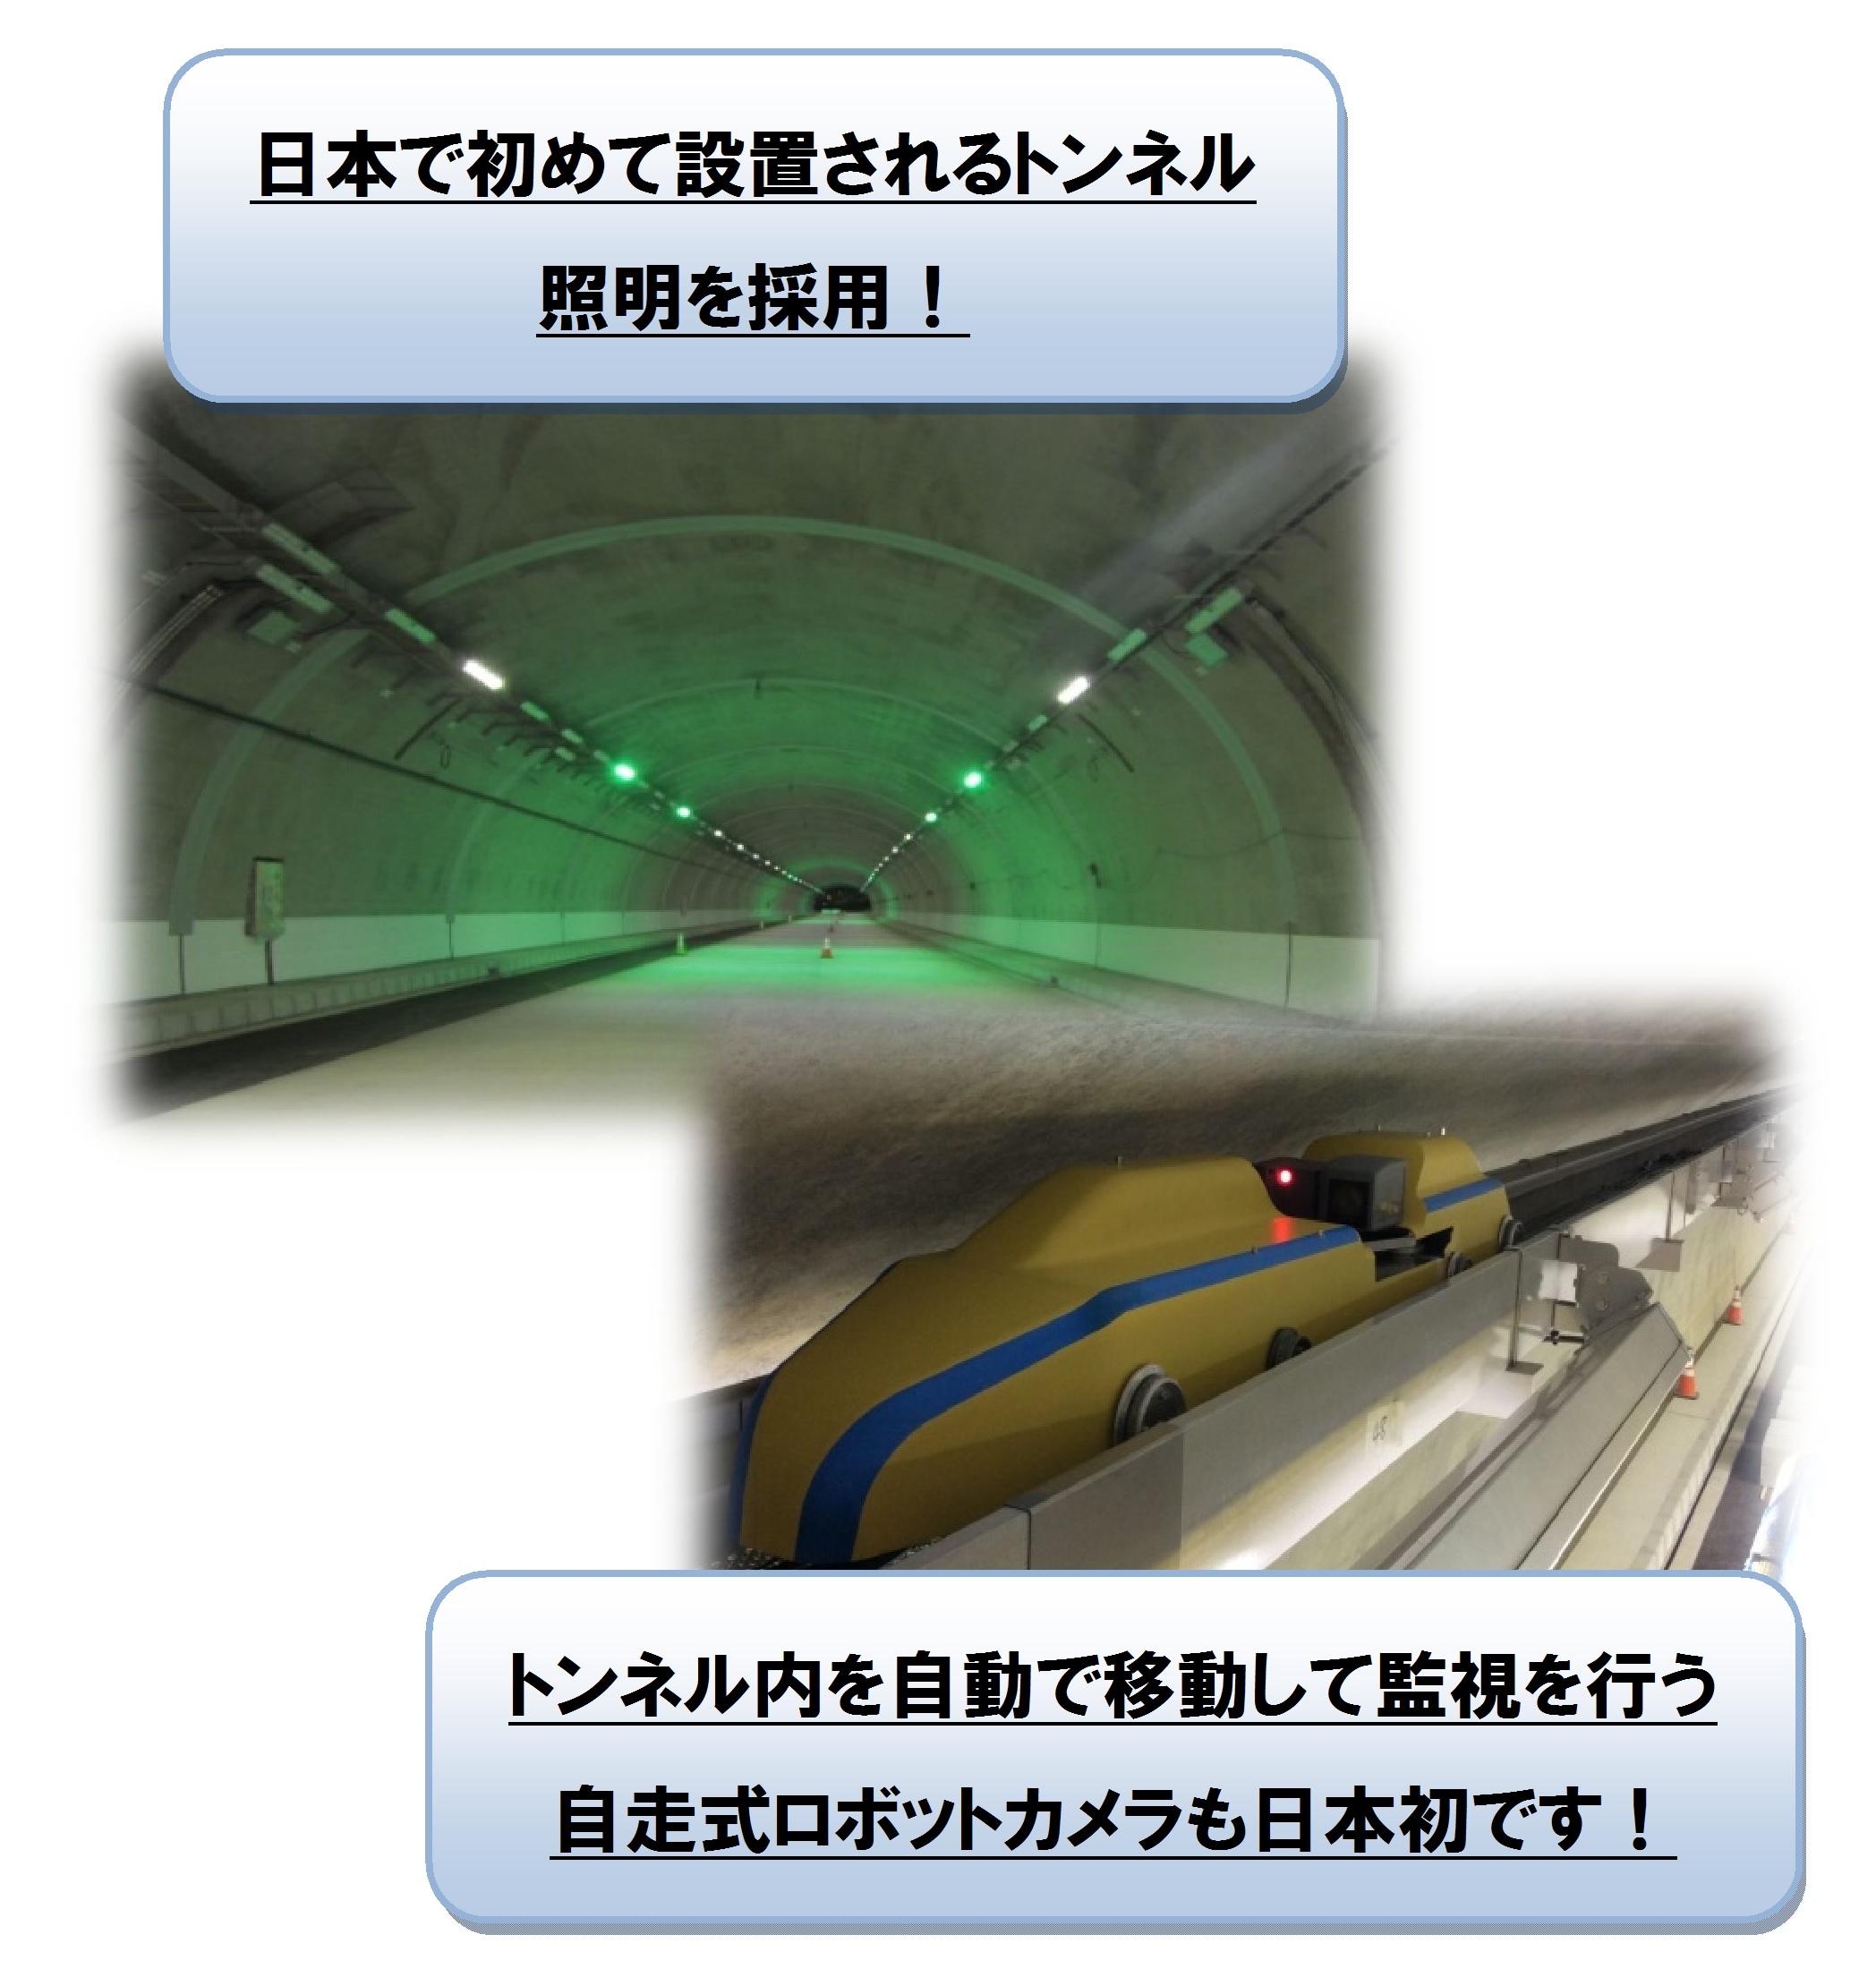 日本初のトンネル内自走式ロボットとトンネル照明